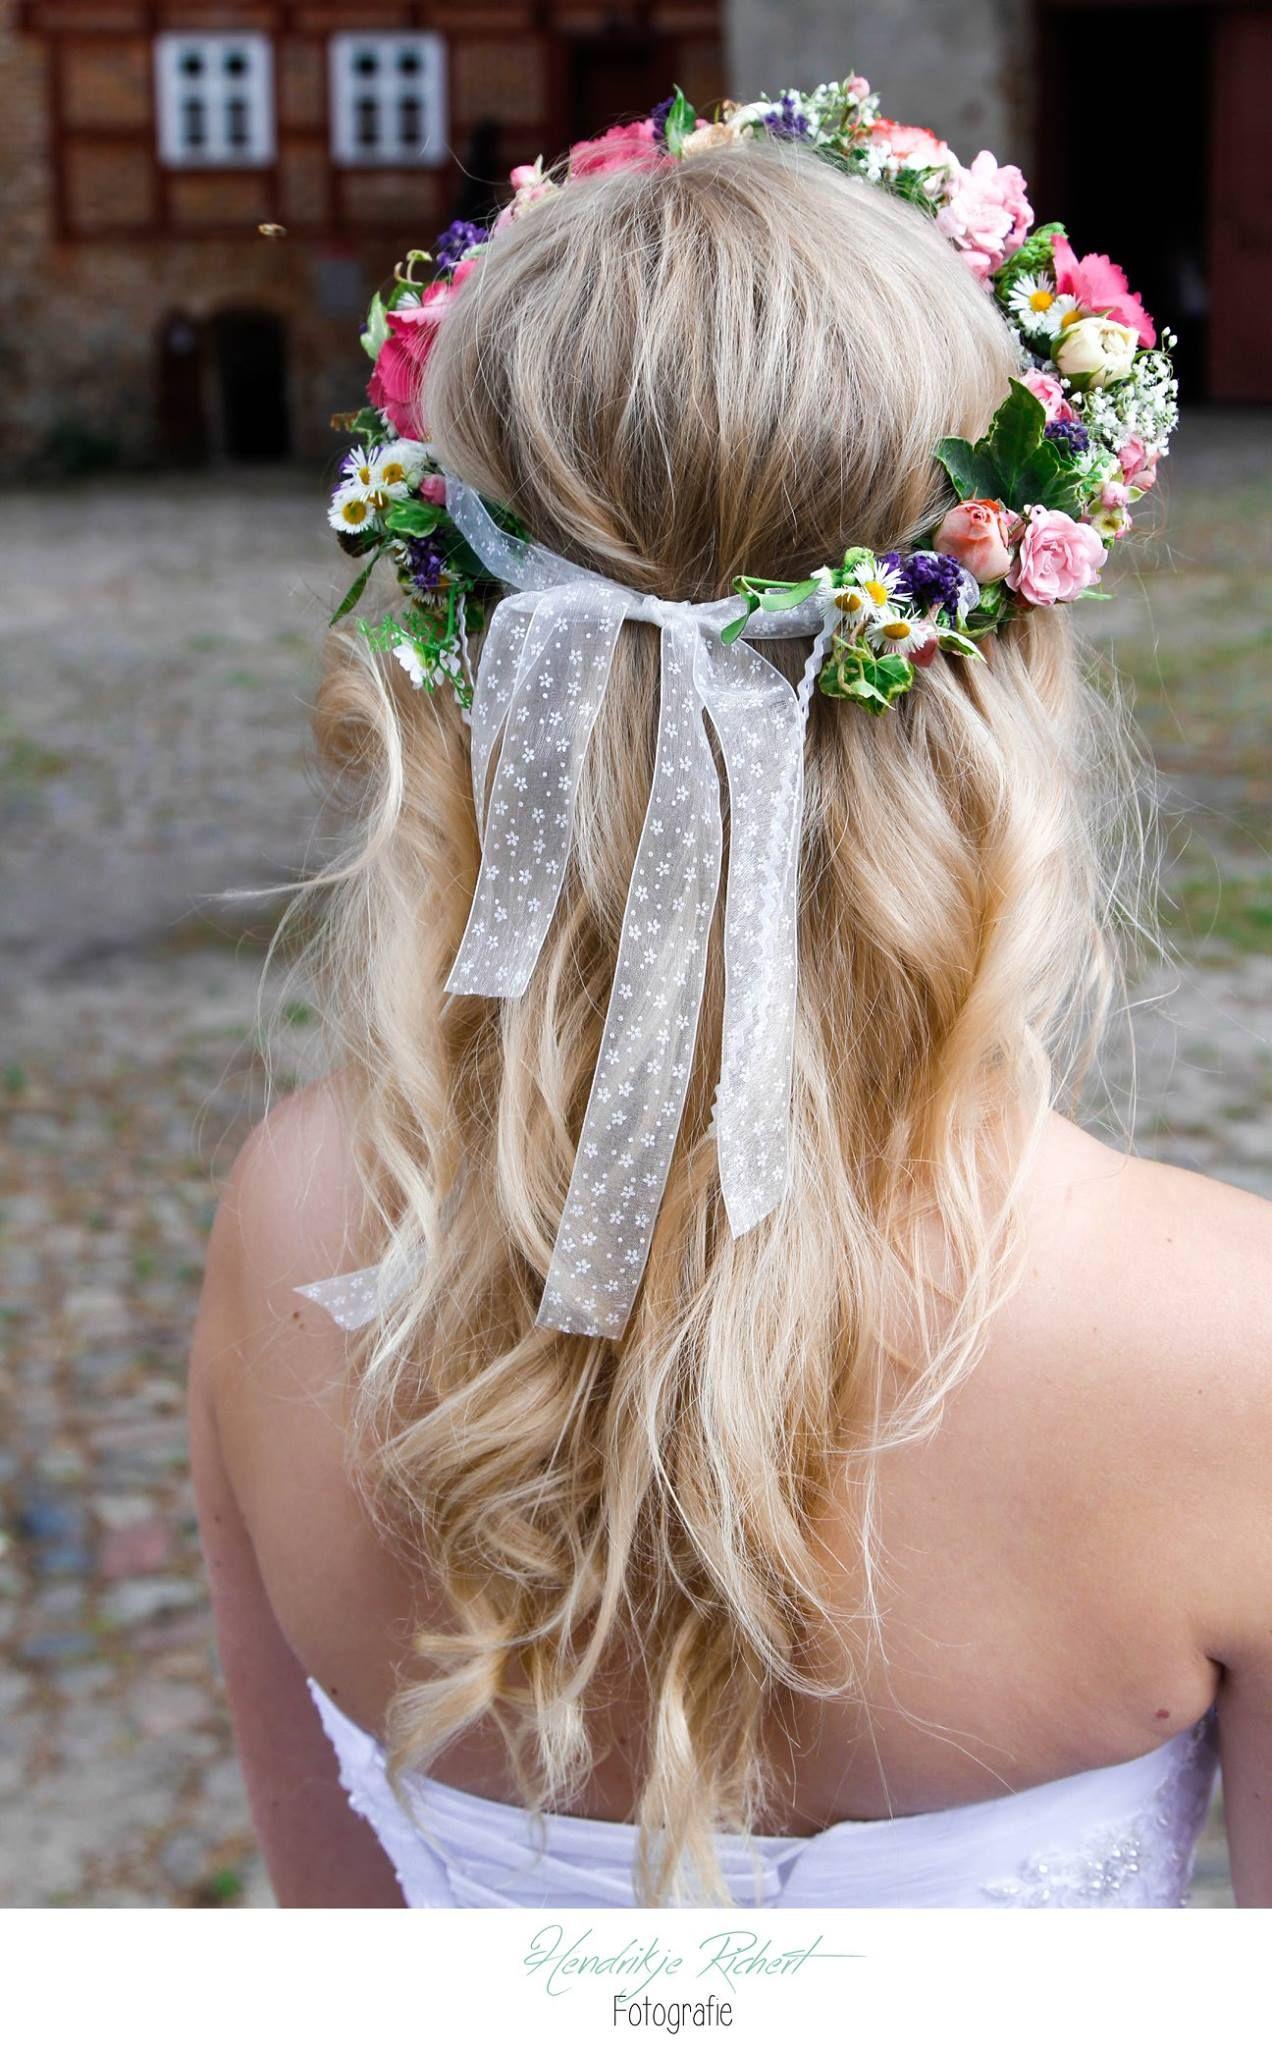 Braut haarschmuck echte blume  Braut| Brautkleid| Haarschmuck| Blumekranz| echte Blumen| Schleife ...